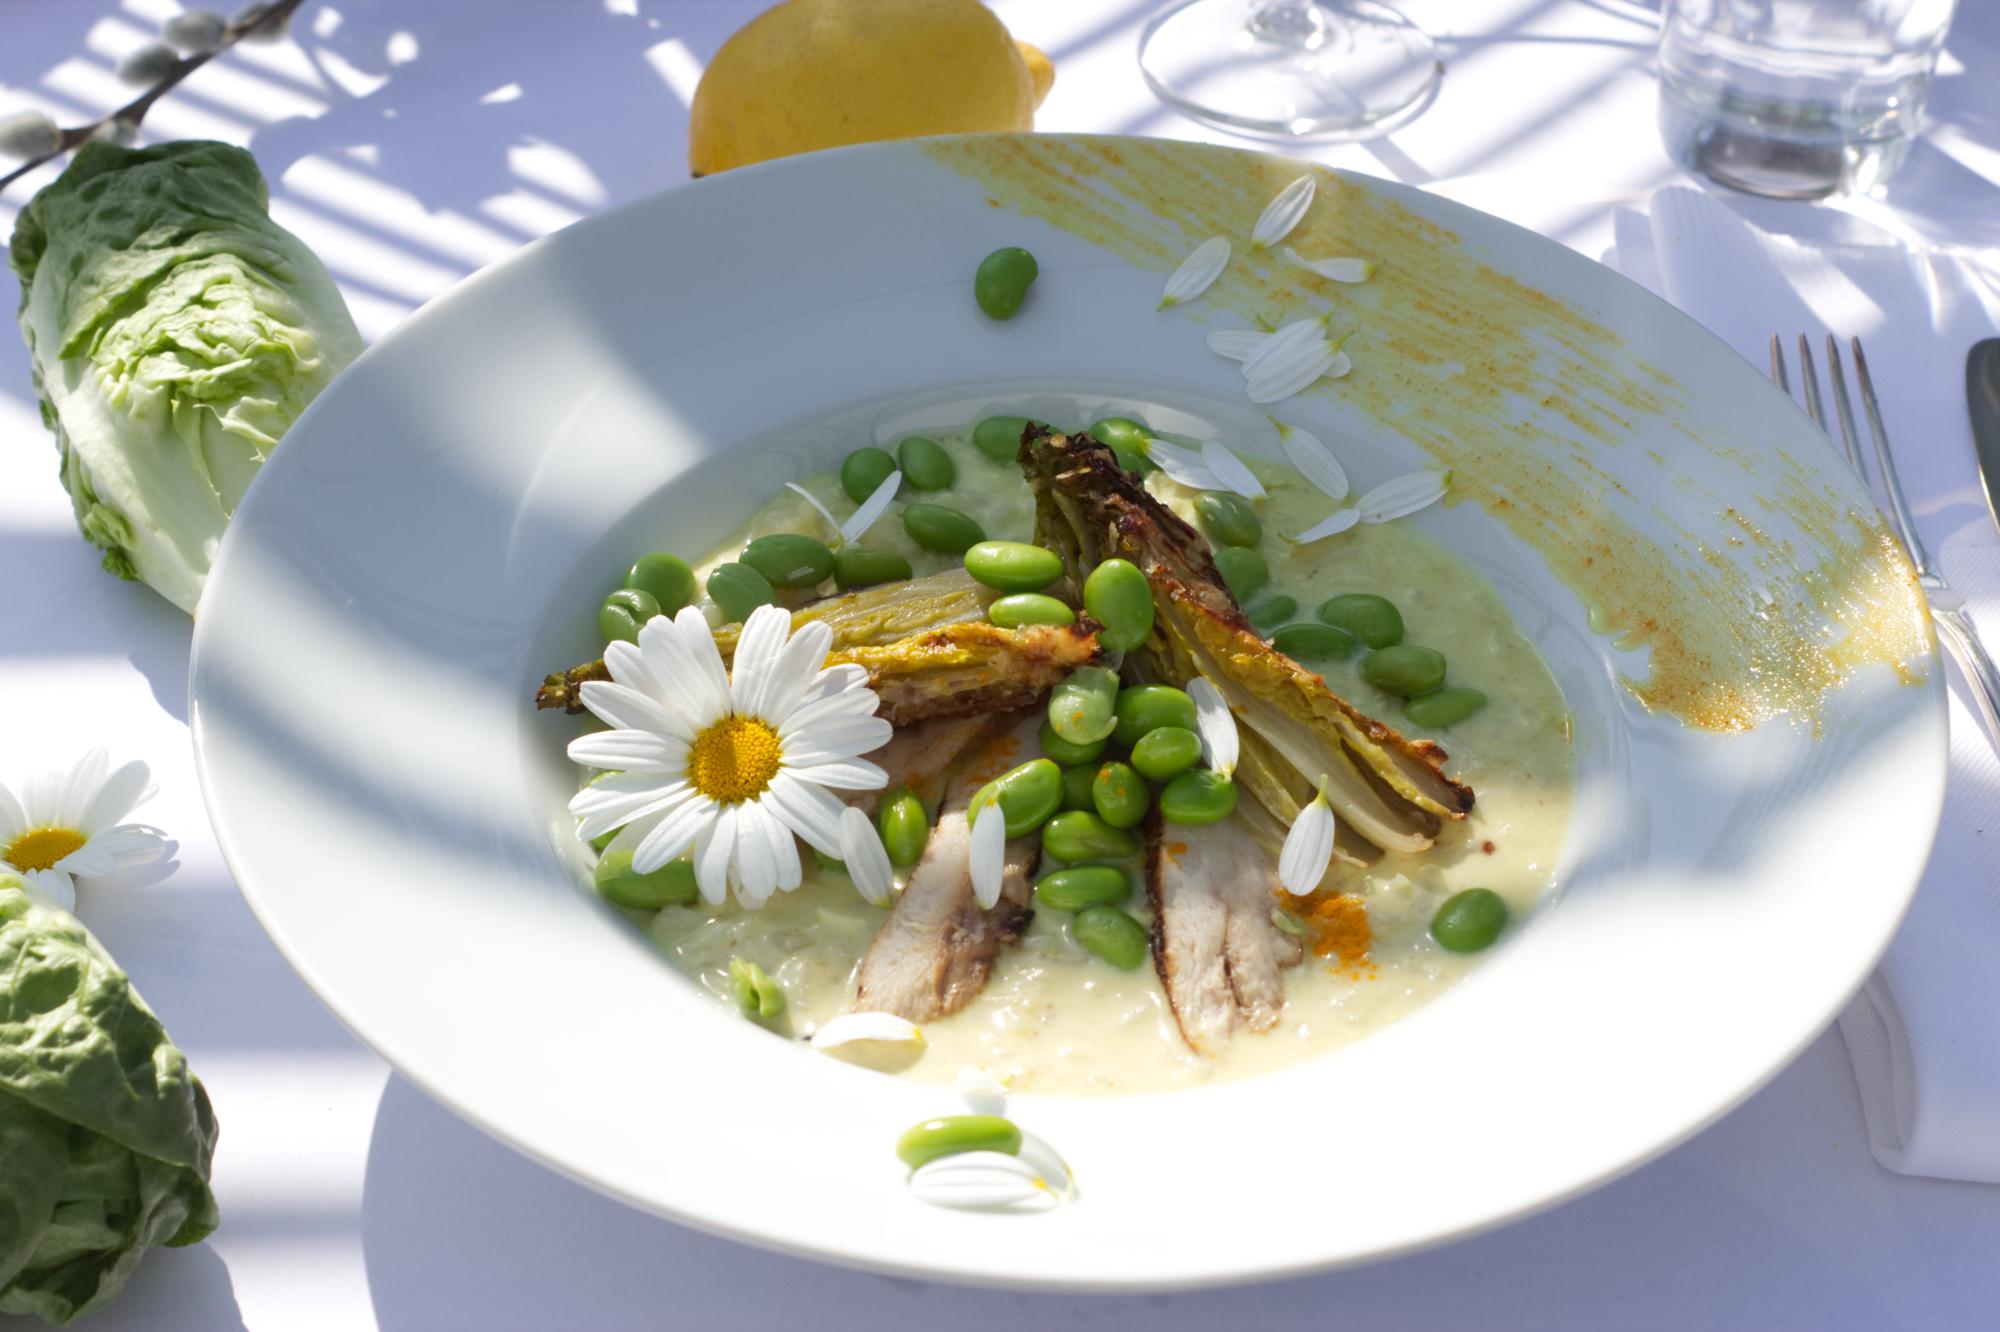 Curry Risotto Poulet Sous Vide Lattich.jpg